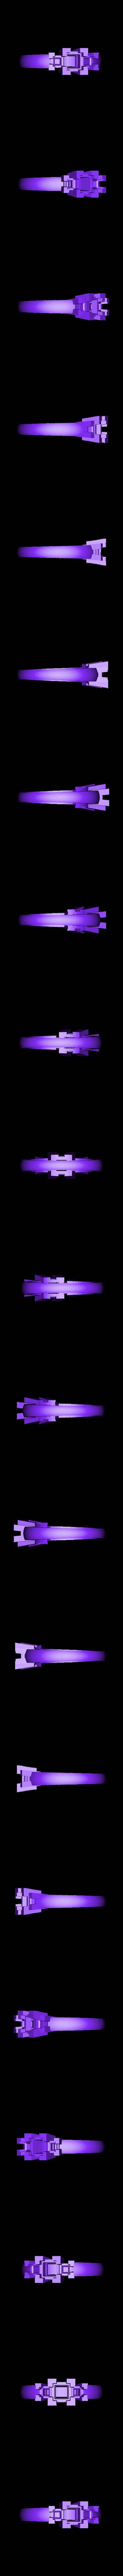 RF153400(FINAL).stl Télécharger fichier STL gratuit Bijoux Bijoux en 3D CAD Anneau de fiançailles Femmes • Design pour impression 3D, VR3D